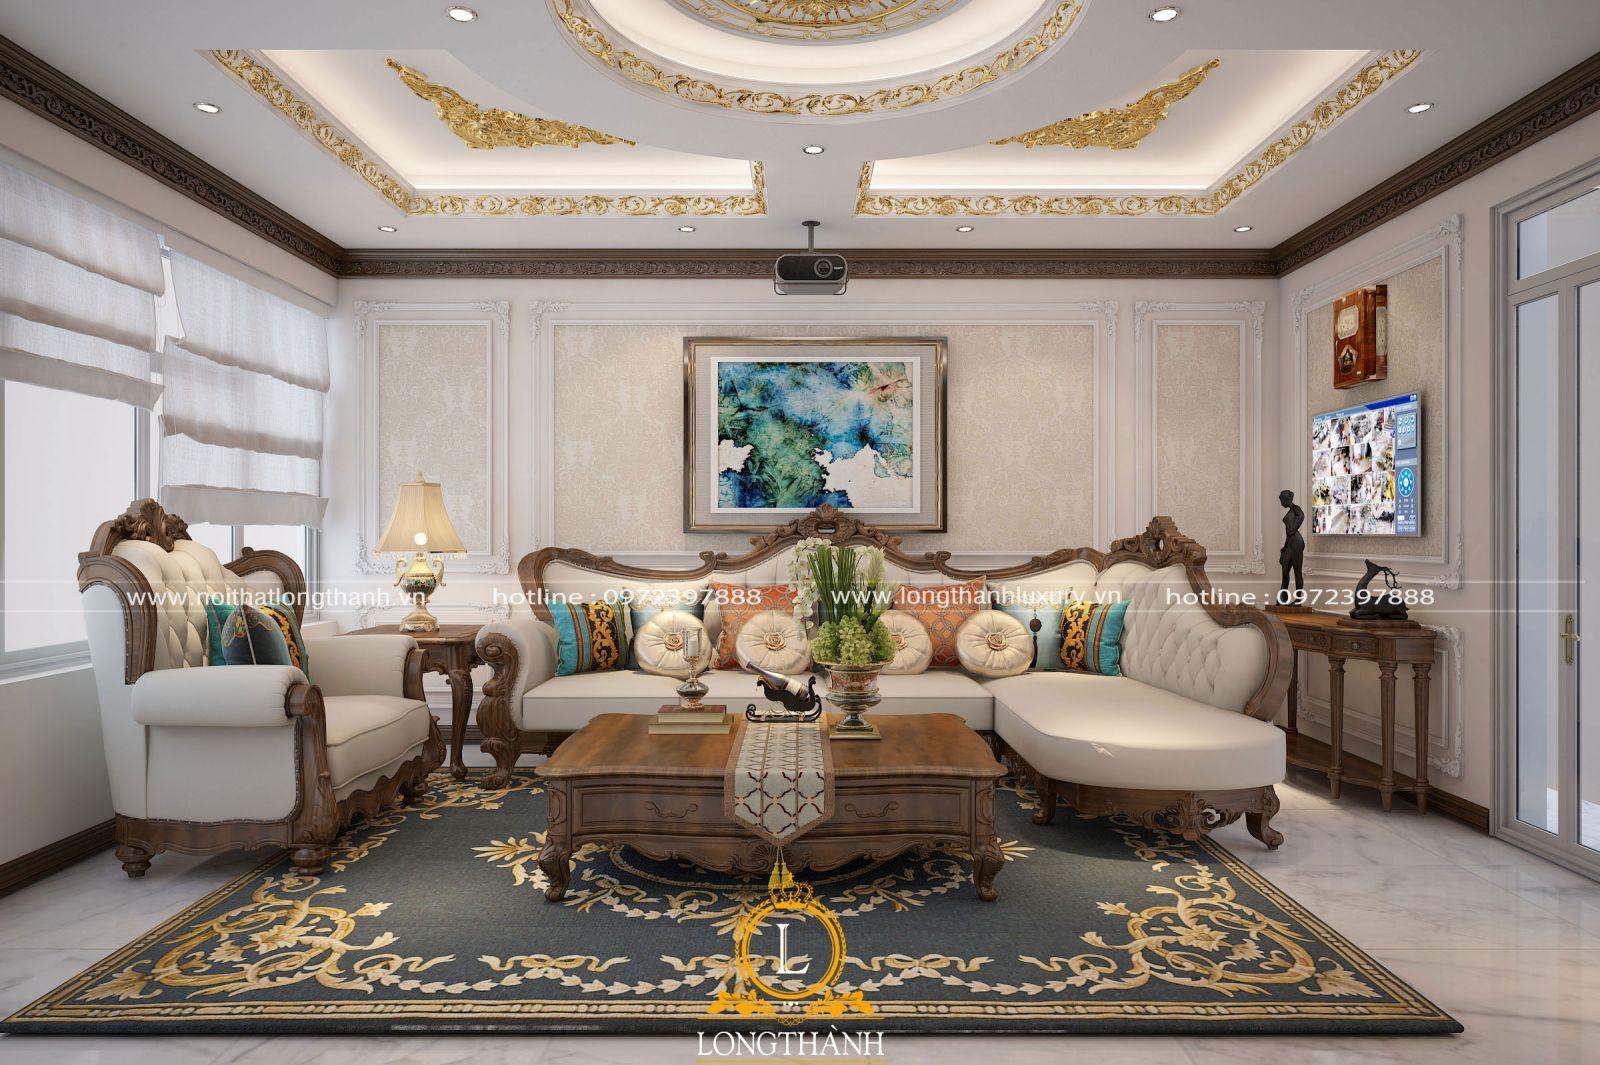 Trần thạch cao dát vàng  được chủ nhân lựa chọn cho phòng khách gia đình